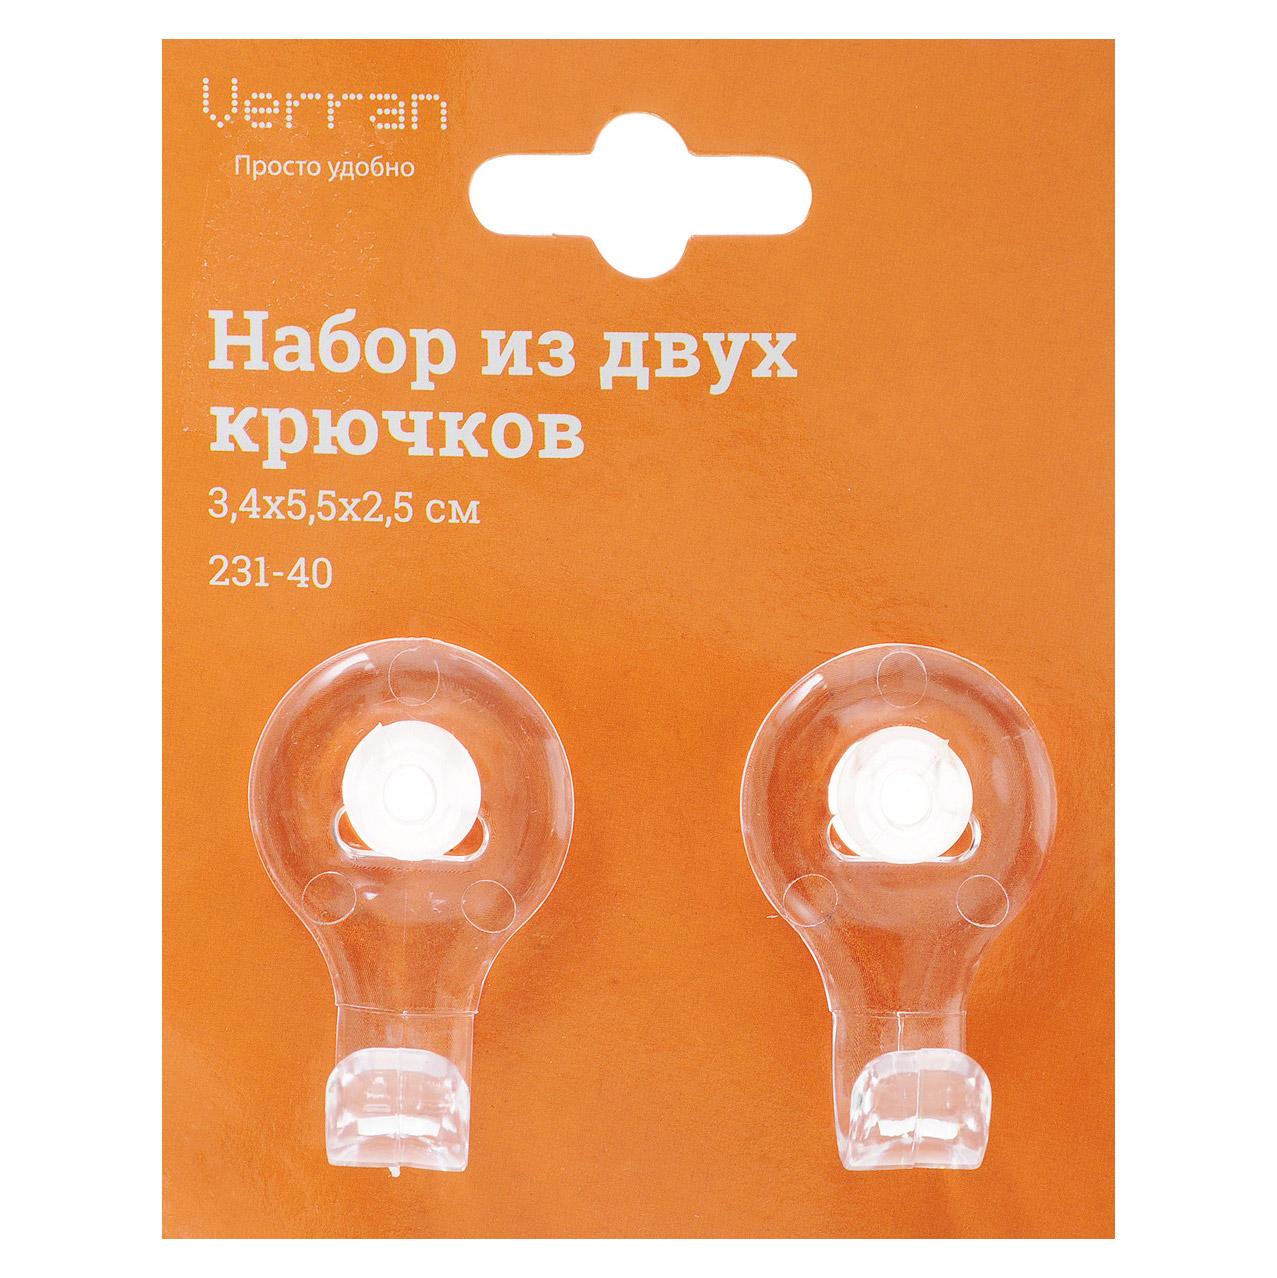 Купить Набор из двух крючков Verran, крючок, прозрачный, пластик